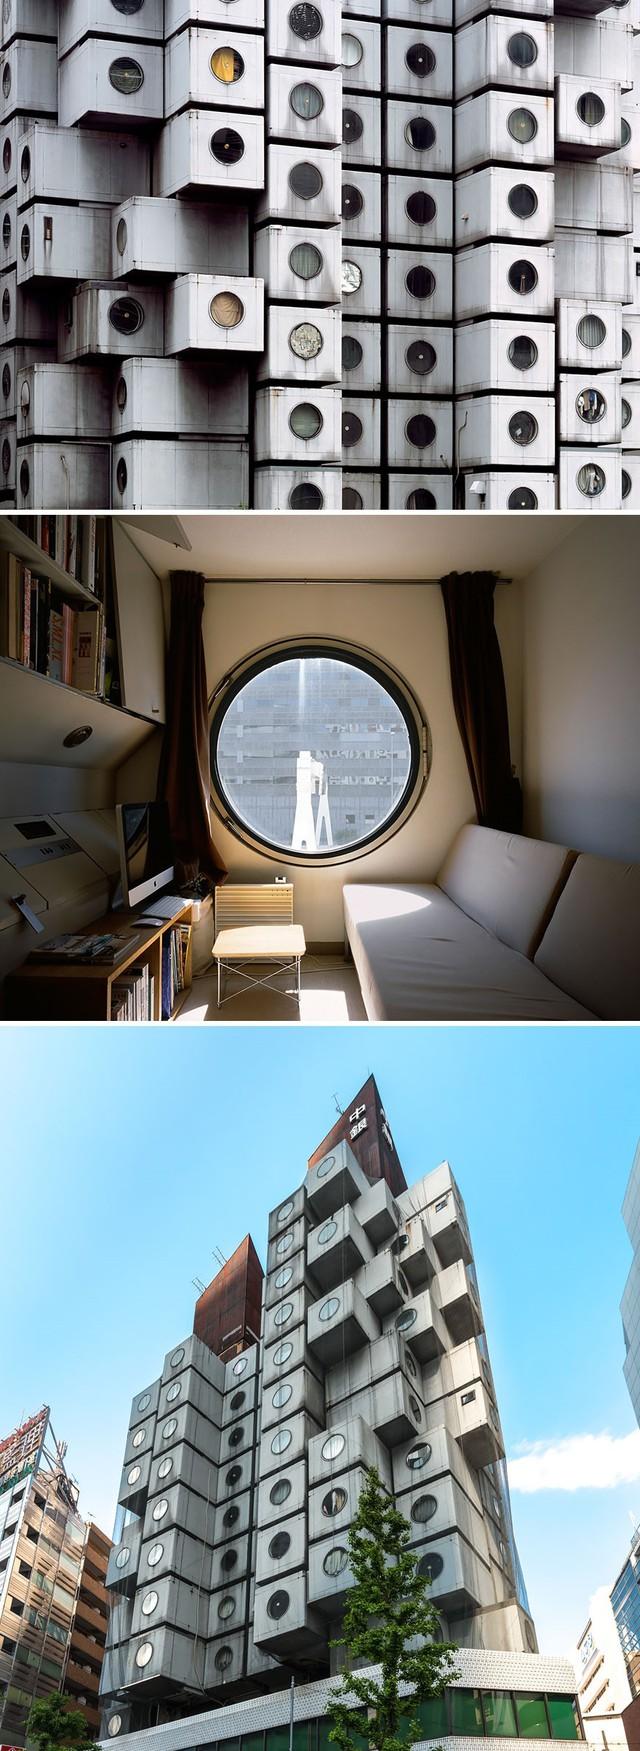 Tháp Nakagin Capsule tại Tokyo là tập hợp các căn hộ siêu nhỏ với tiện nghi tối giản. Từ bên ngoài, tòa nhà trông những những lốc điều hòa nhấp nhô.